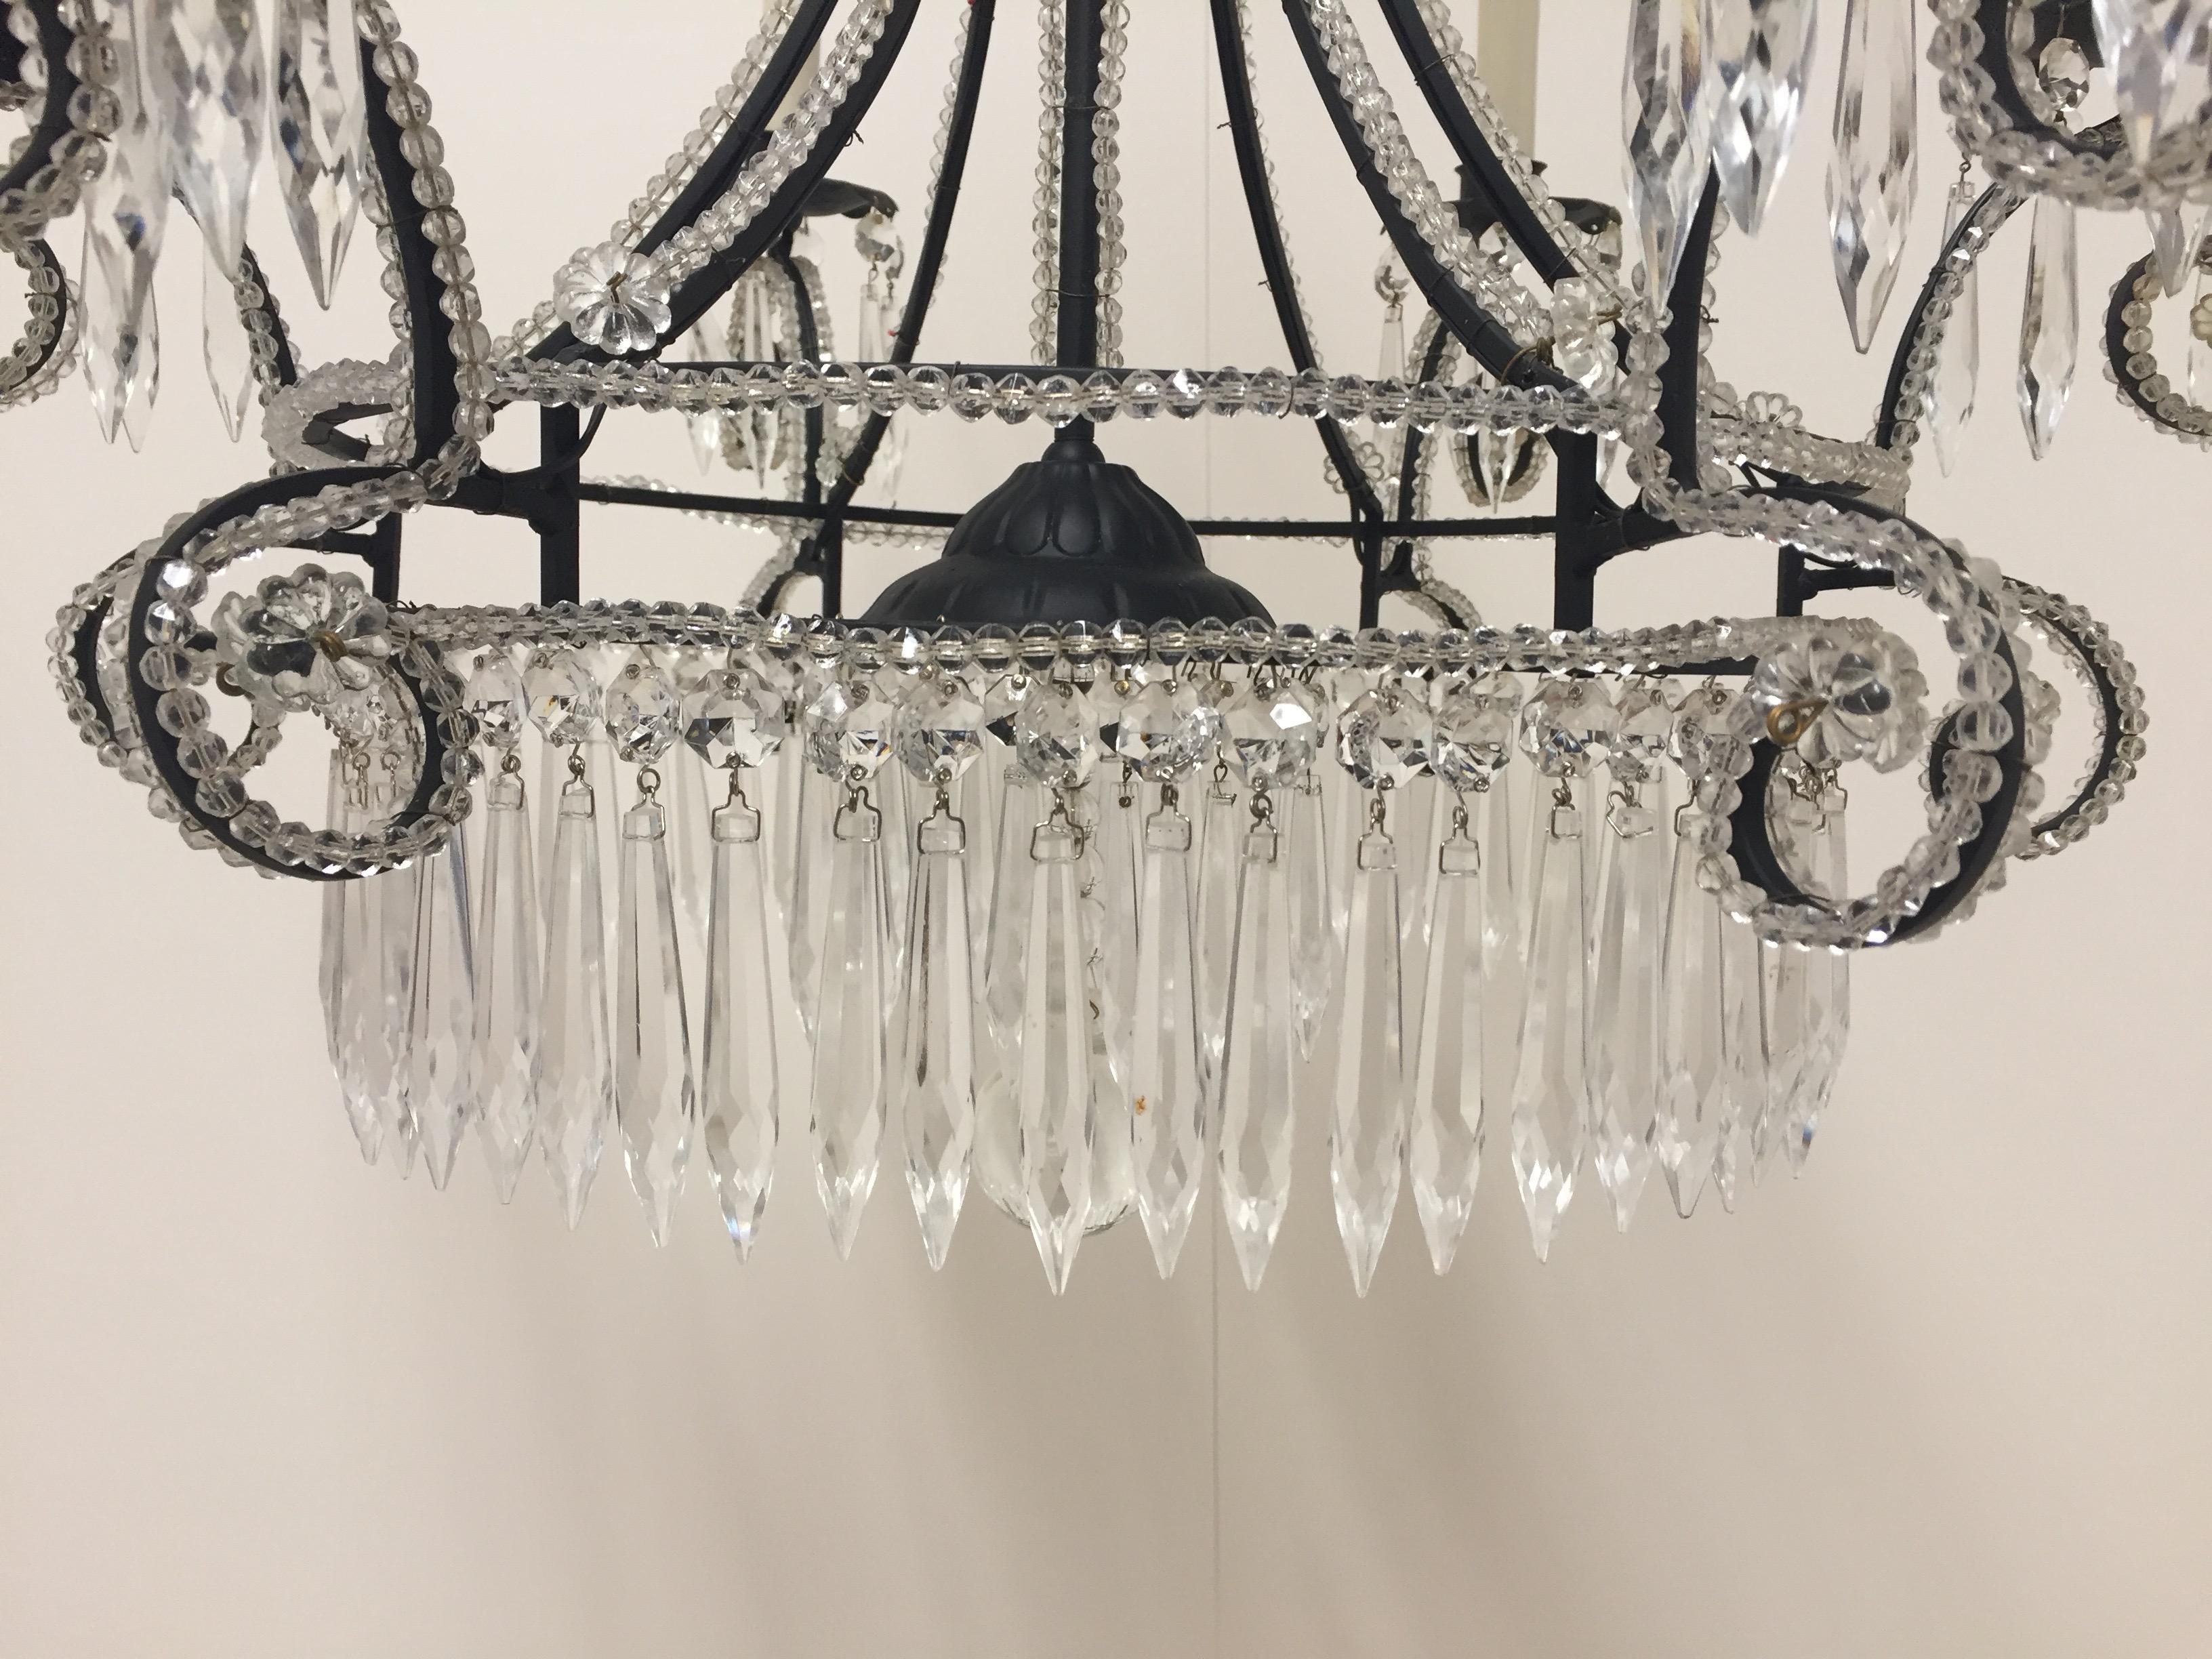 Kronleuchter Eisen ~ Sehr hübsche französische eisen und kristall kronleuchter im